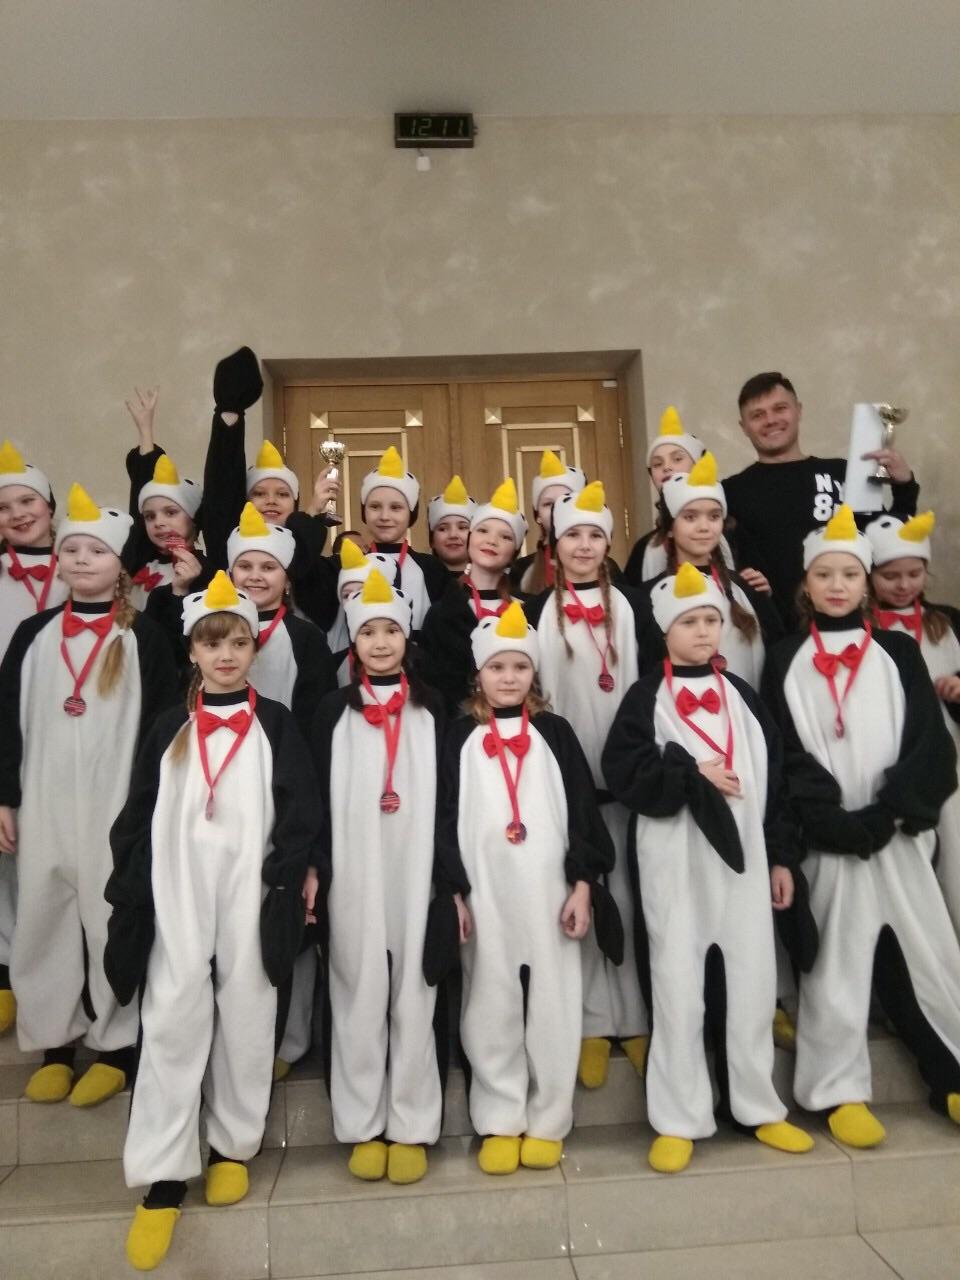 Ансамбль танца «Улыбка» барановичского Дворца культуры завоевал второе место с танцем «Пингвины» (9-11 лет). Фото: личный архив ансамбля танца «Улыбка»